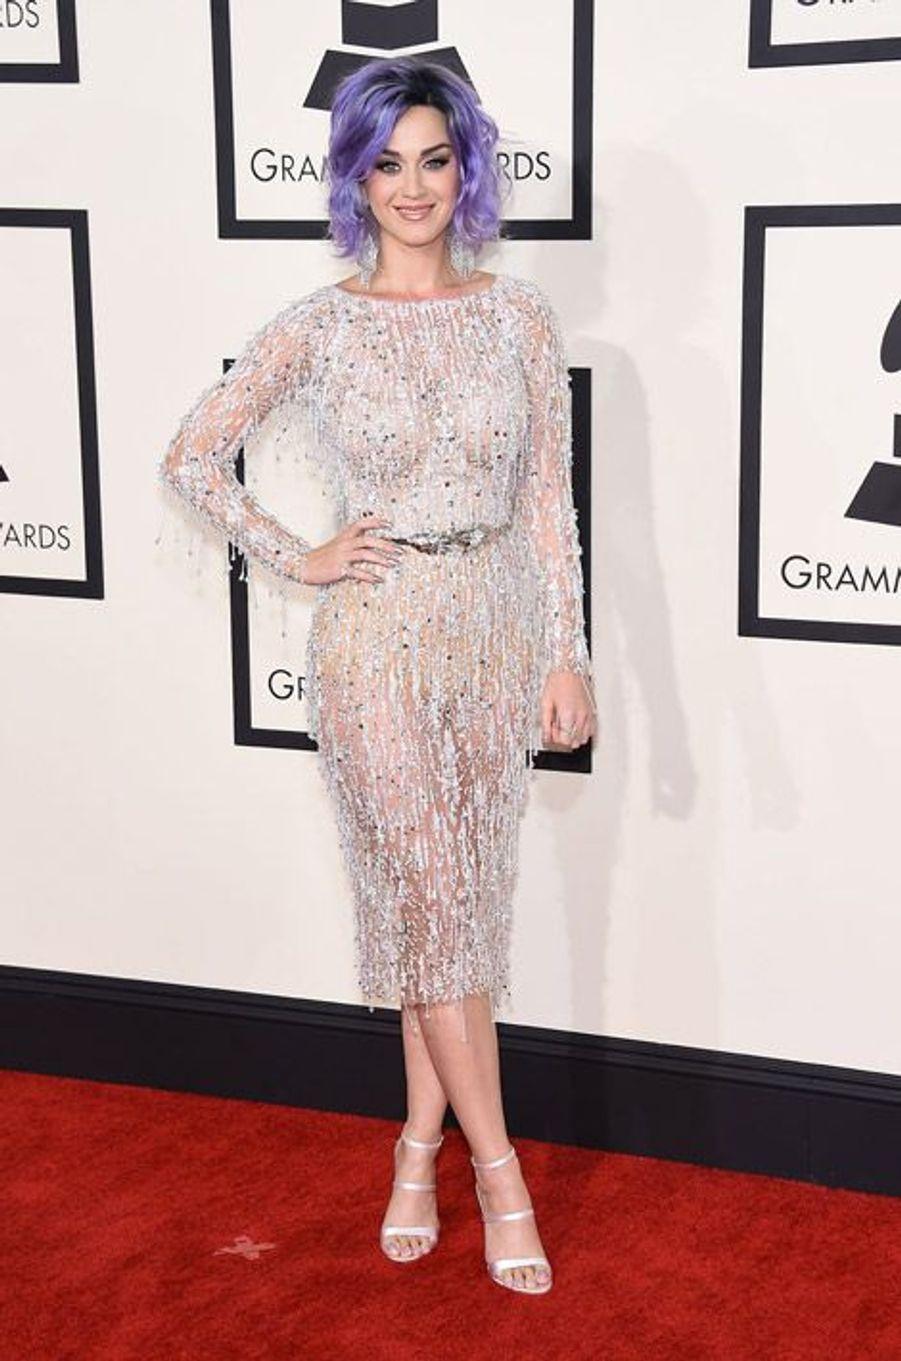 La chanteuse Katy Perry en Zuhair Murad lors de la cérémonie des Grammy Awards à Los Angeles, le 8 février 2015